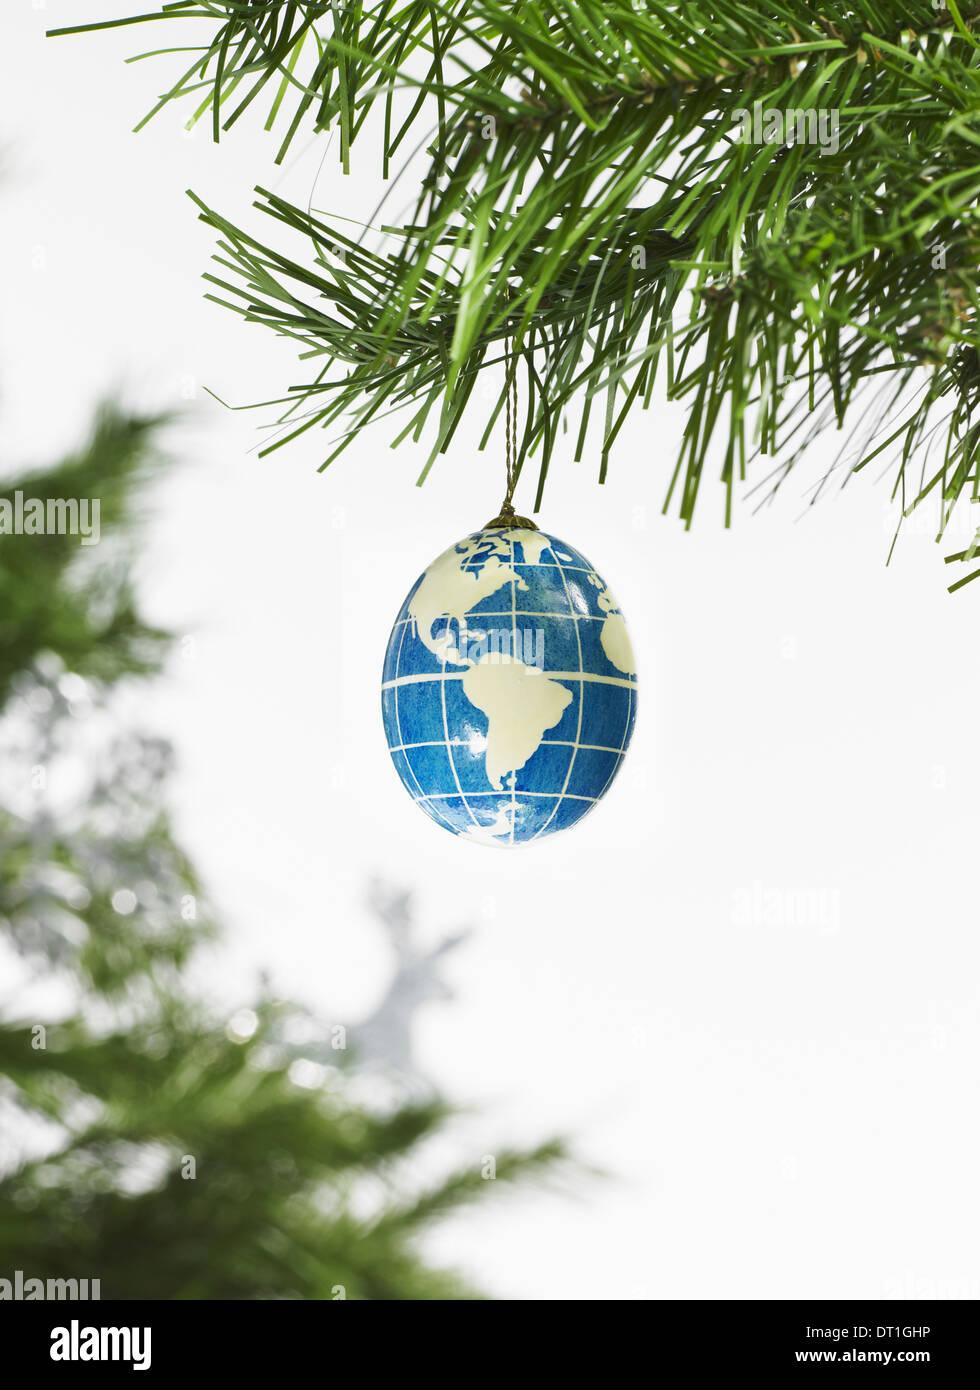 Hoja verde follaje y decoraciones de una rama de árbol de pino y un adorno azul y blanco un globo con los continentes descritos Imagen De Stock